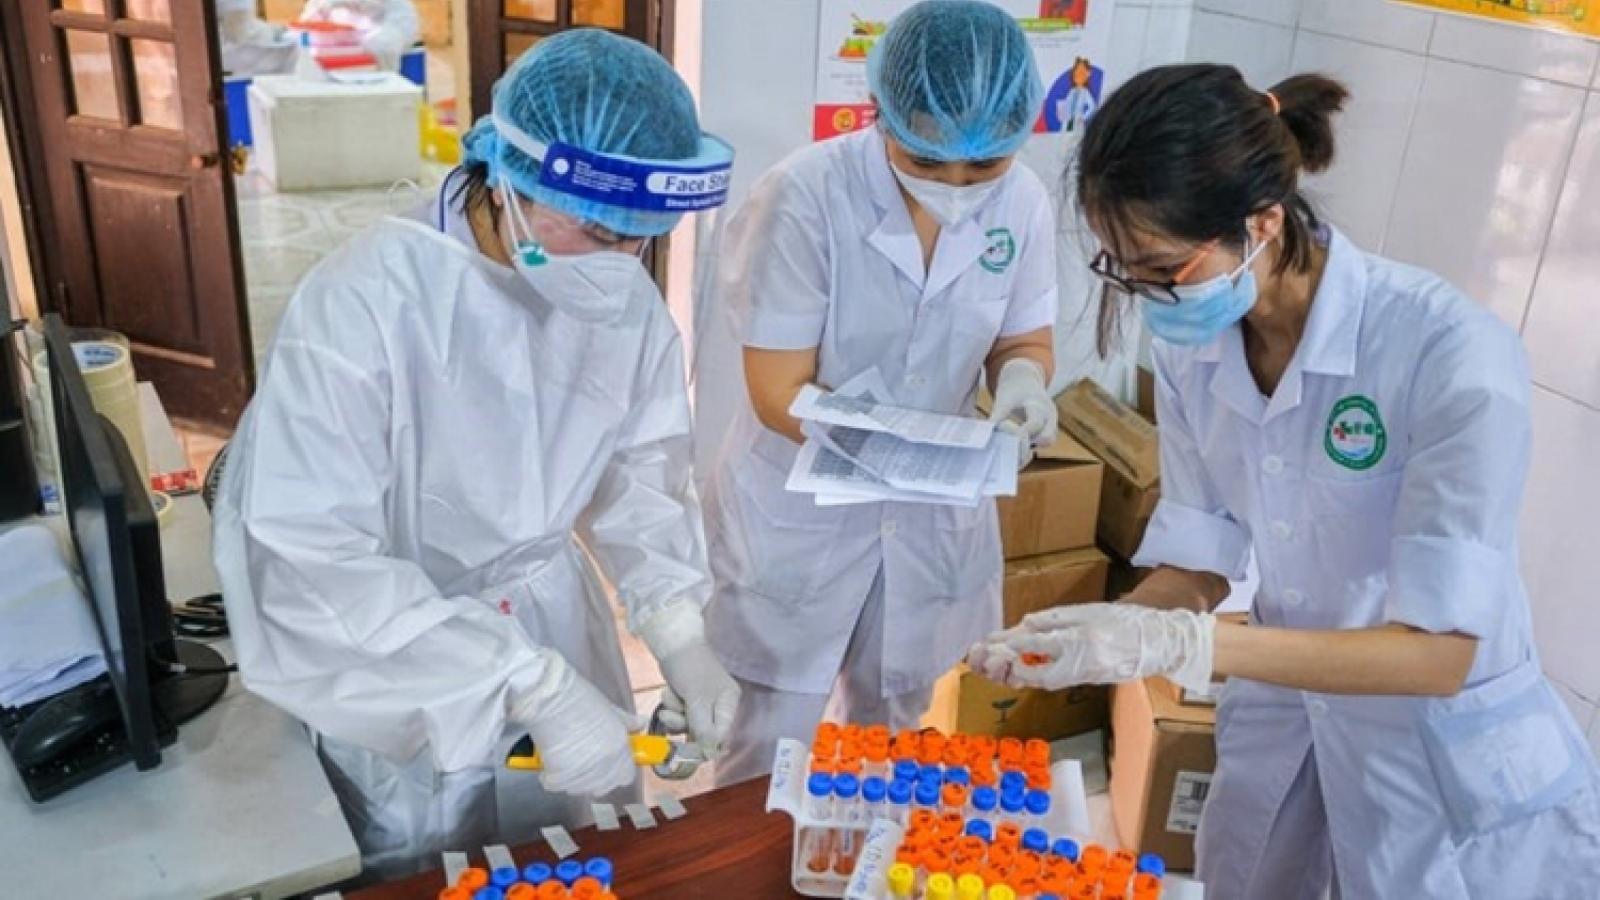 Vietnam's COVID-19 cases move close to 10,000